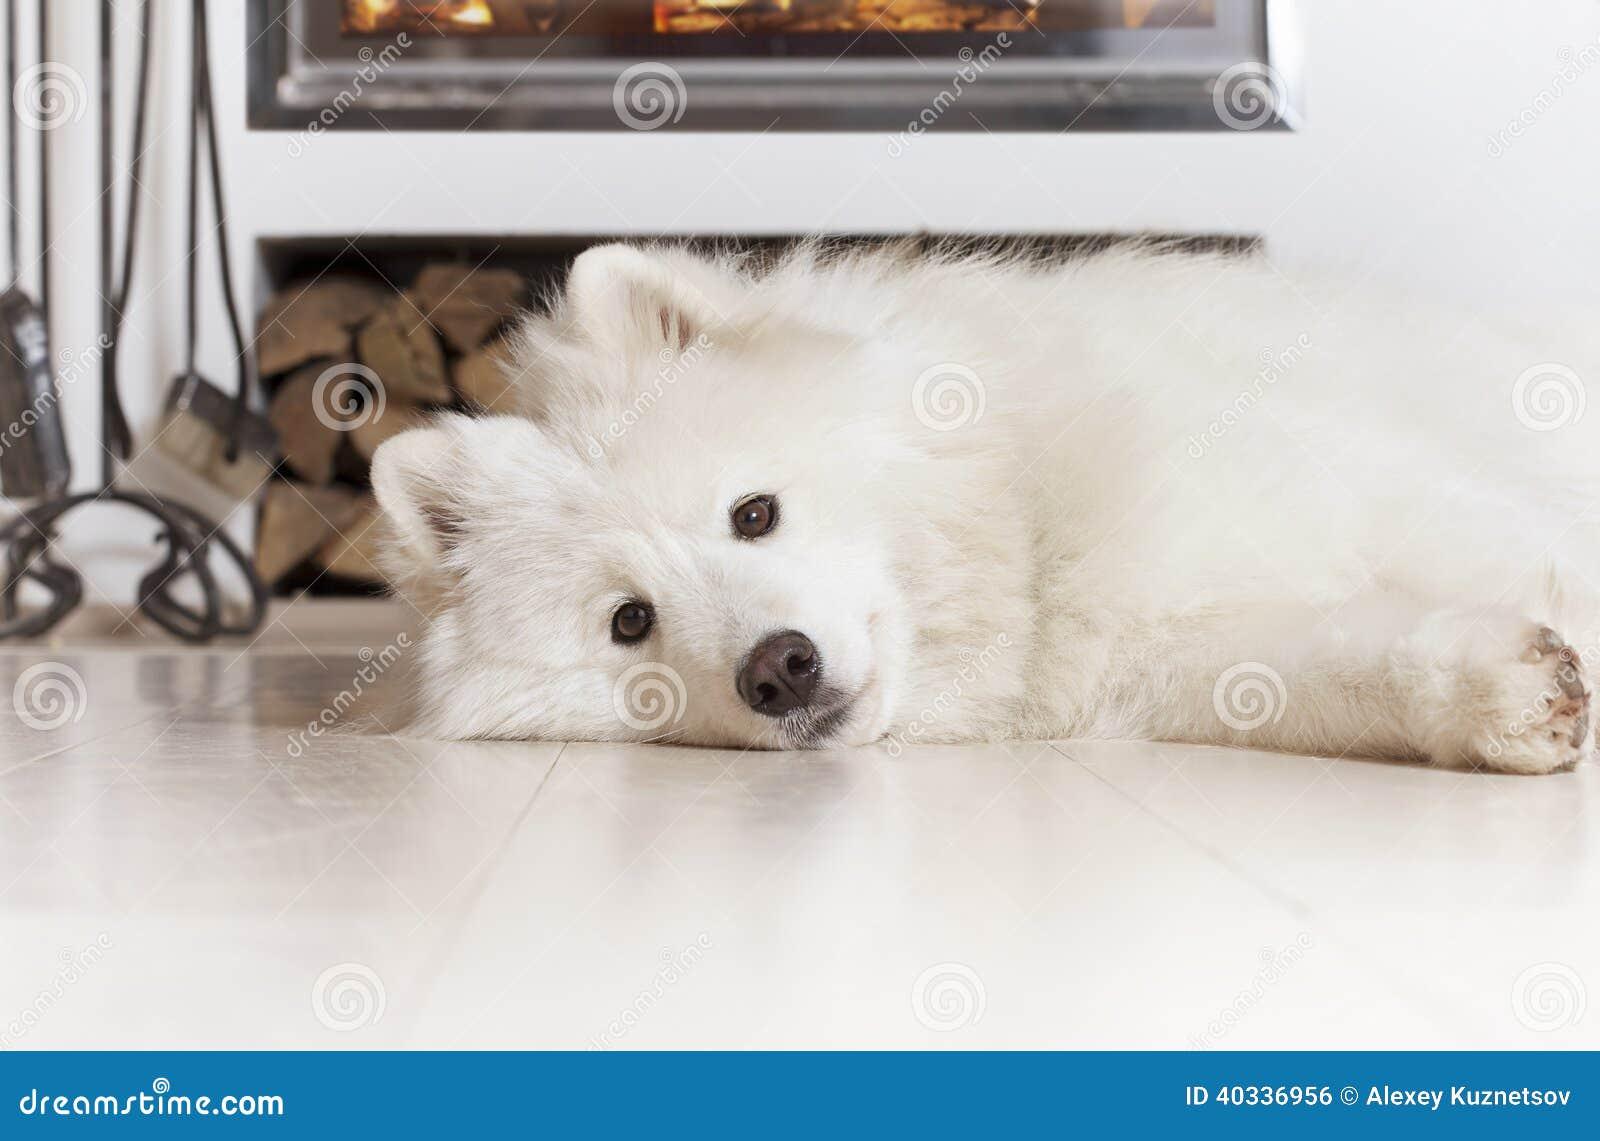 Samoyed Dog At Home Stock Photo Image Of Samoyed Purebred 40336956